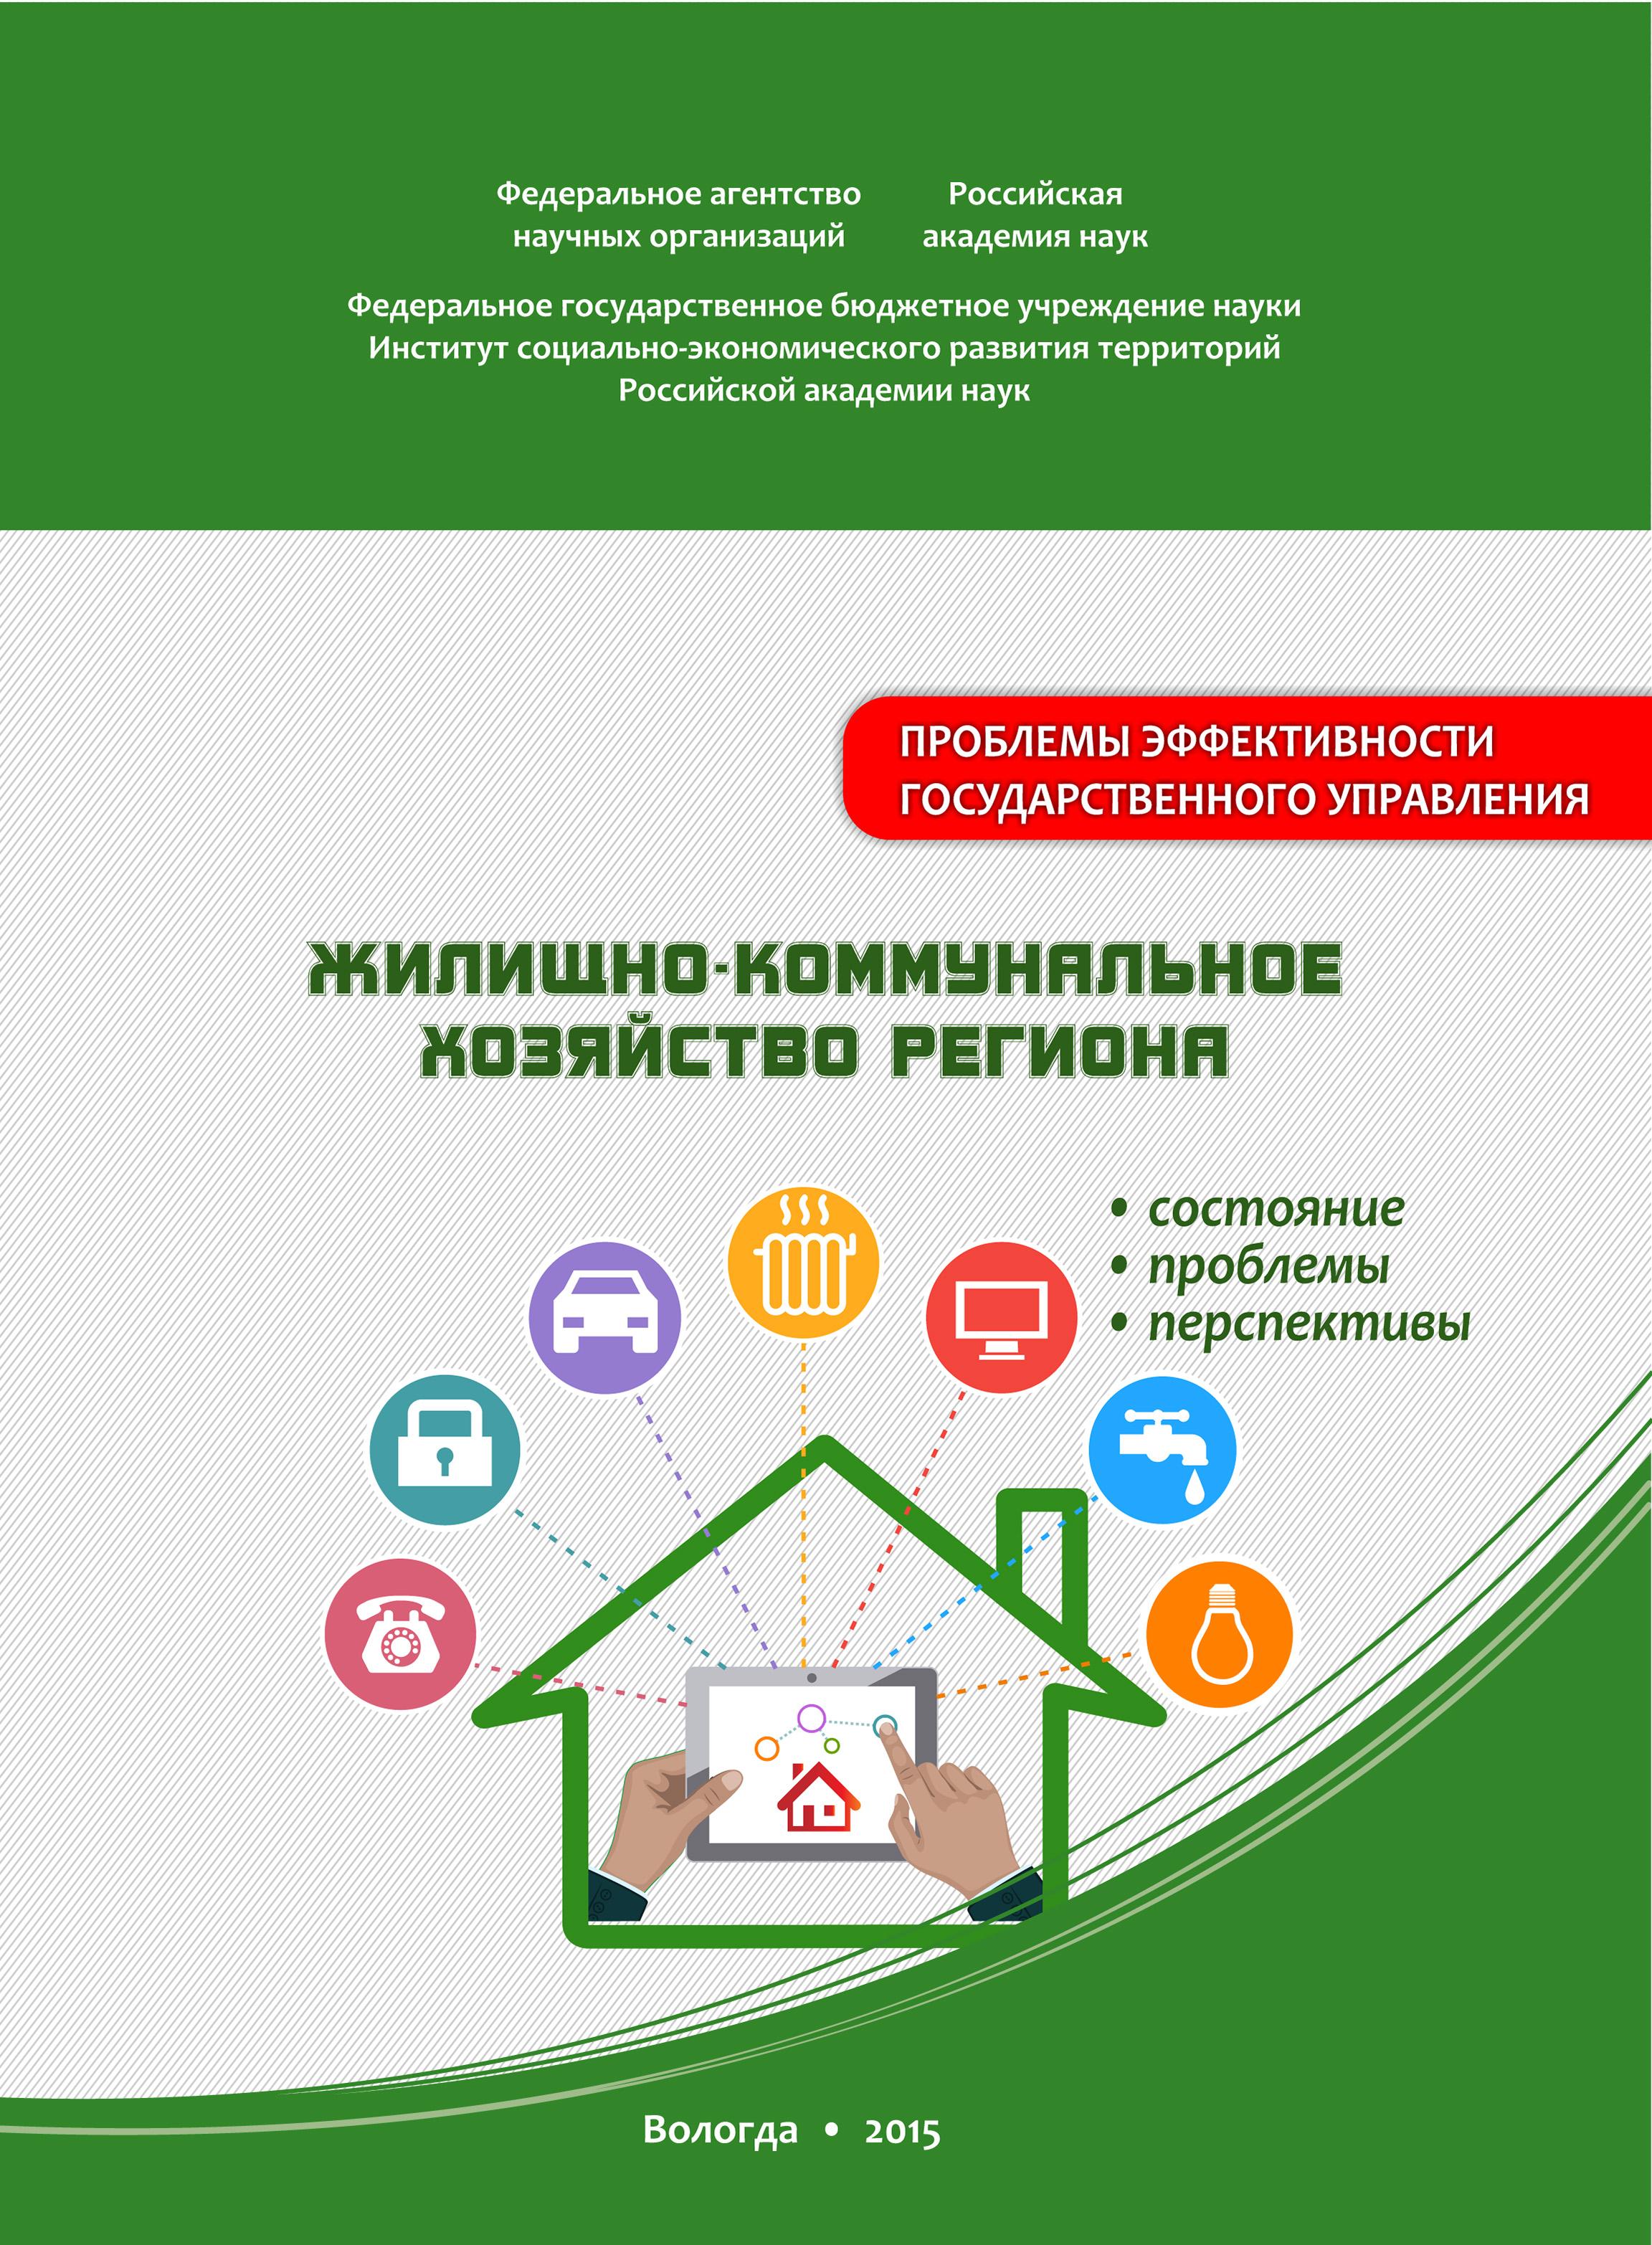 С. А. Кожевников Жилищно-коммунальное хозяйство региона: состояние, проблемы, перспективы